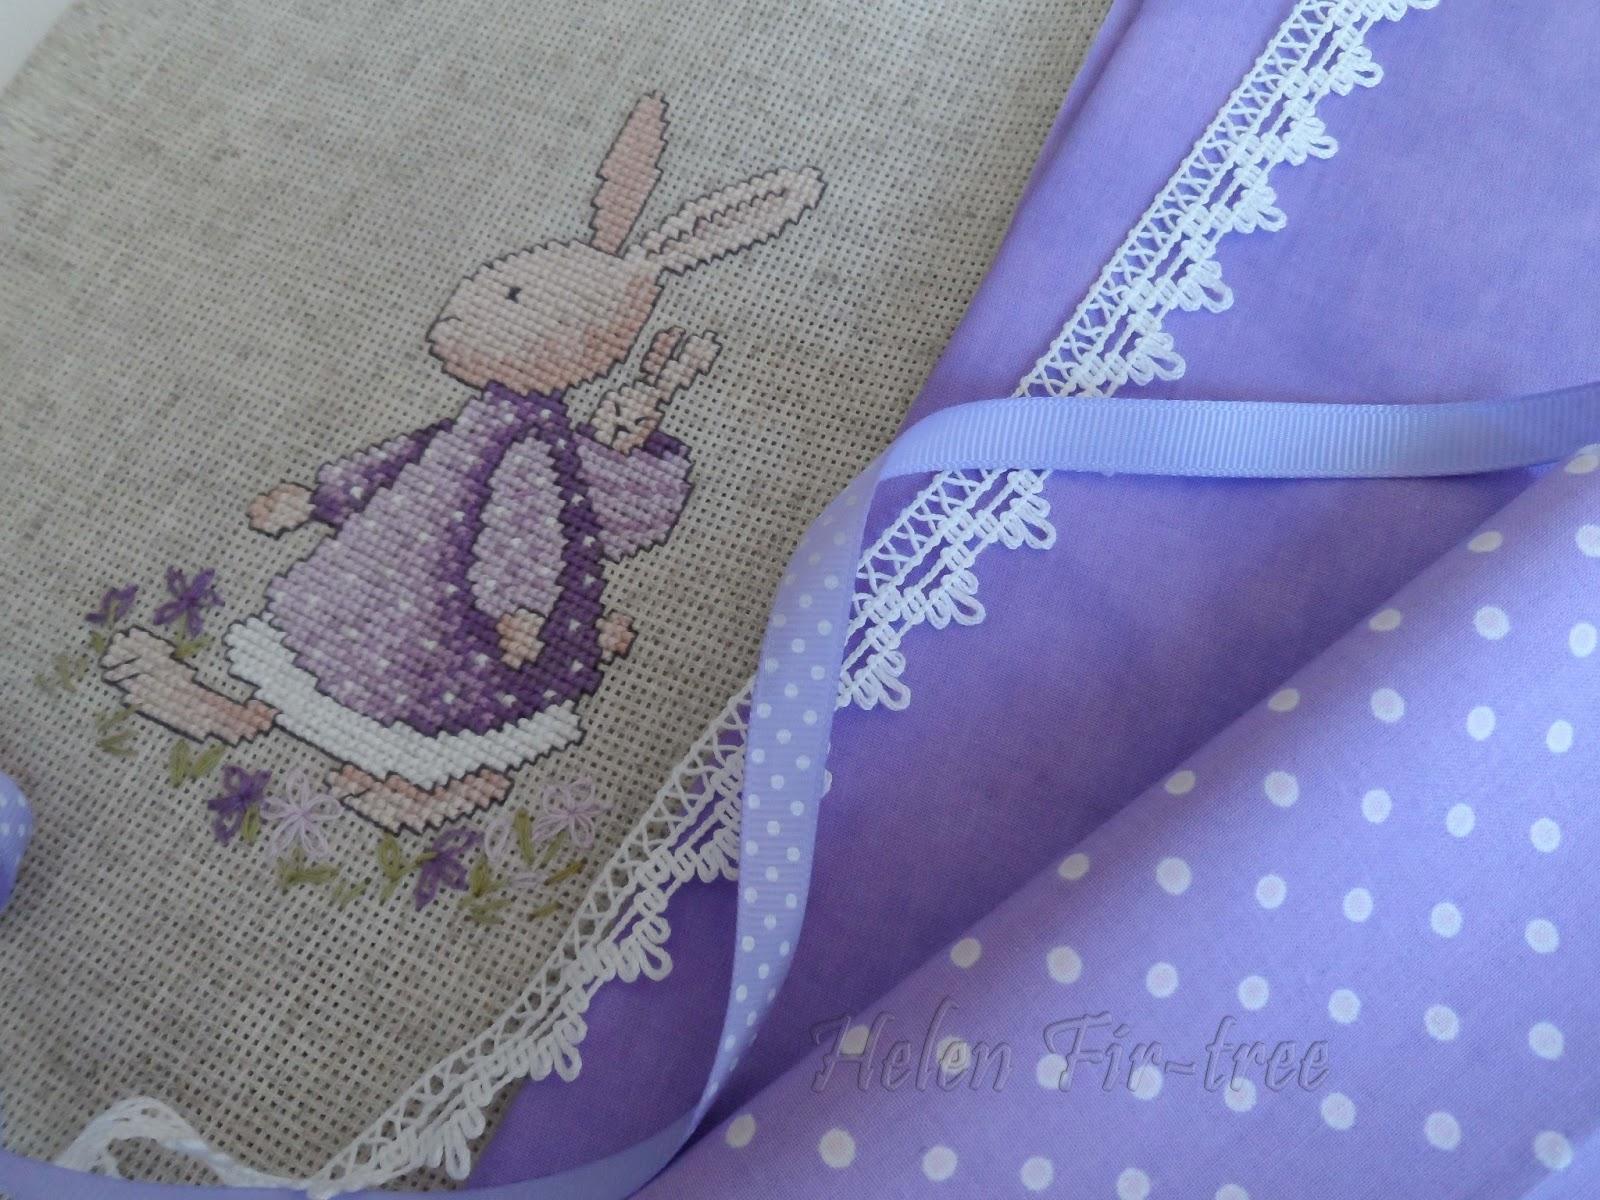 Helen Fir-tree вышивка счётный крест counted cross stitch